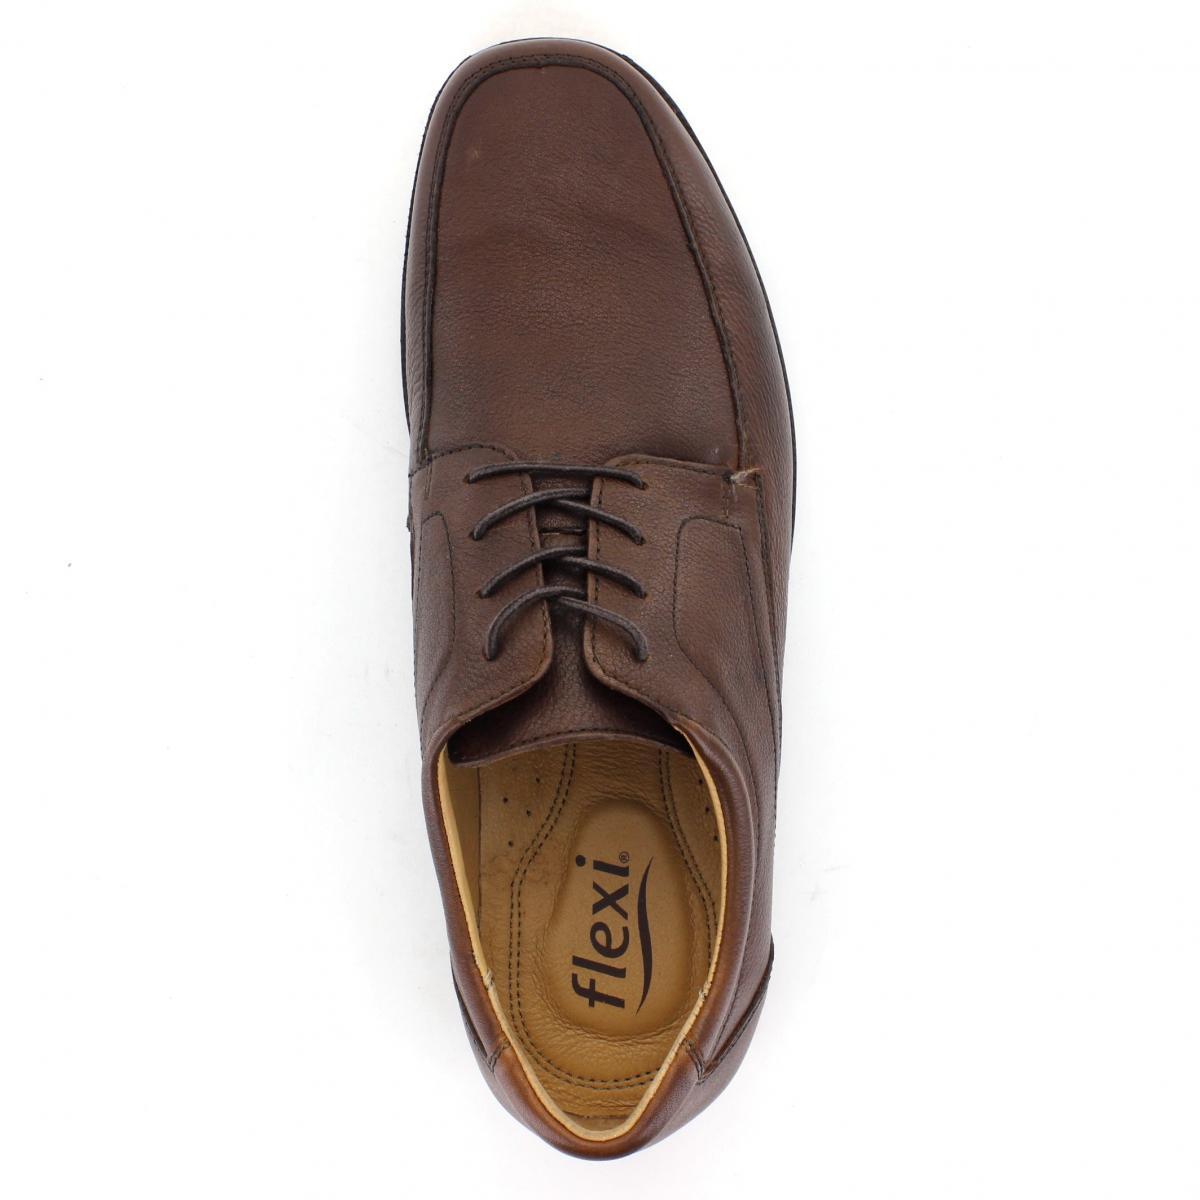 2ef8d25cc5 Zapato marca Flexi modelo 91201 Color Café